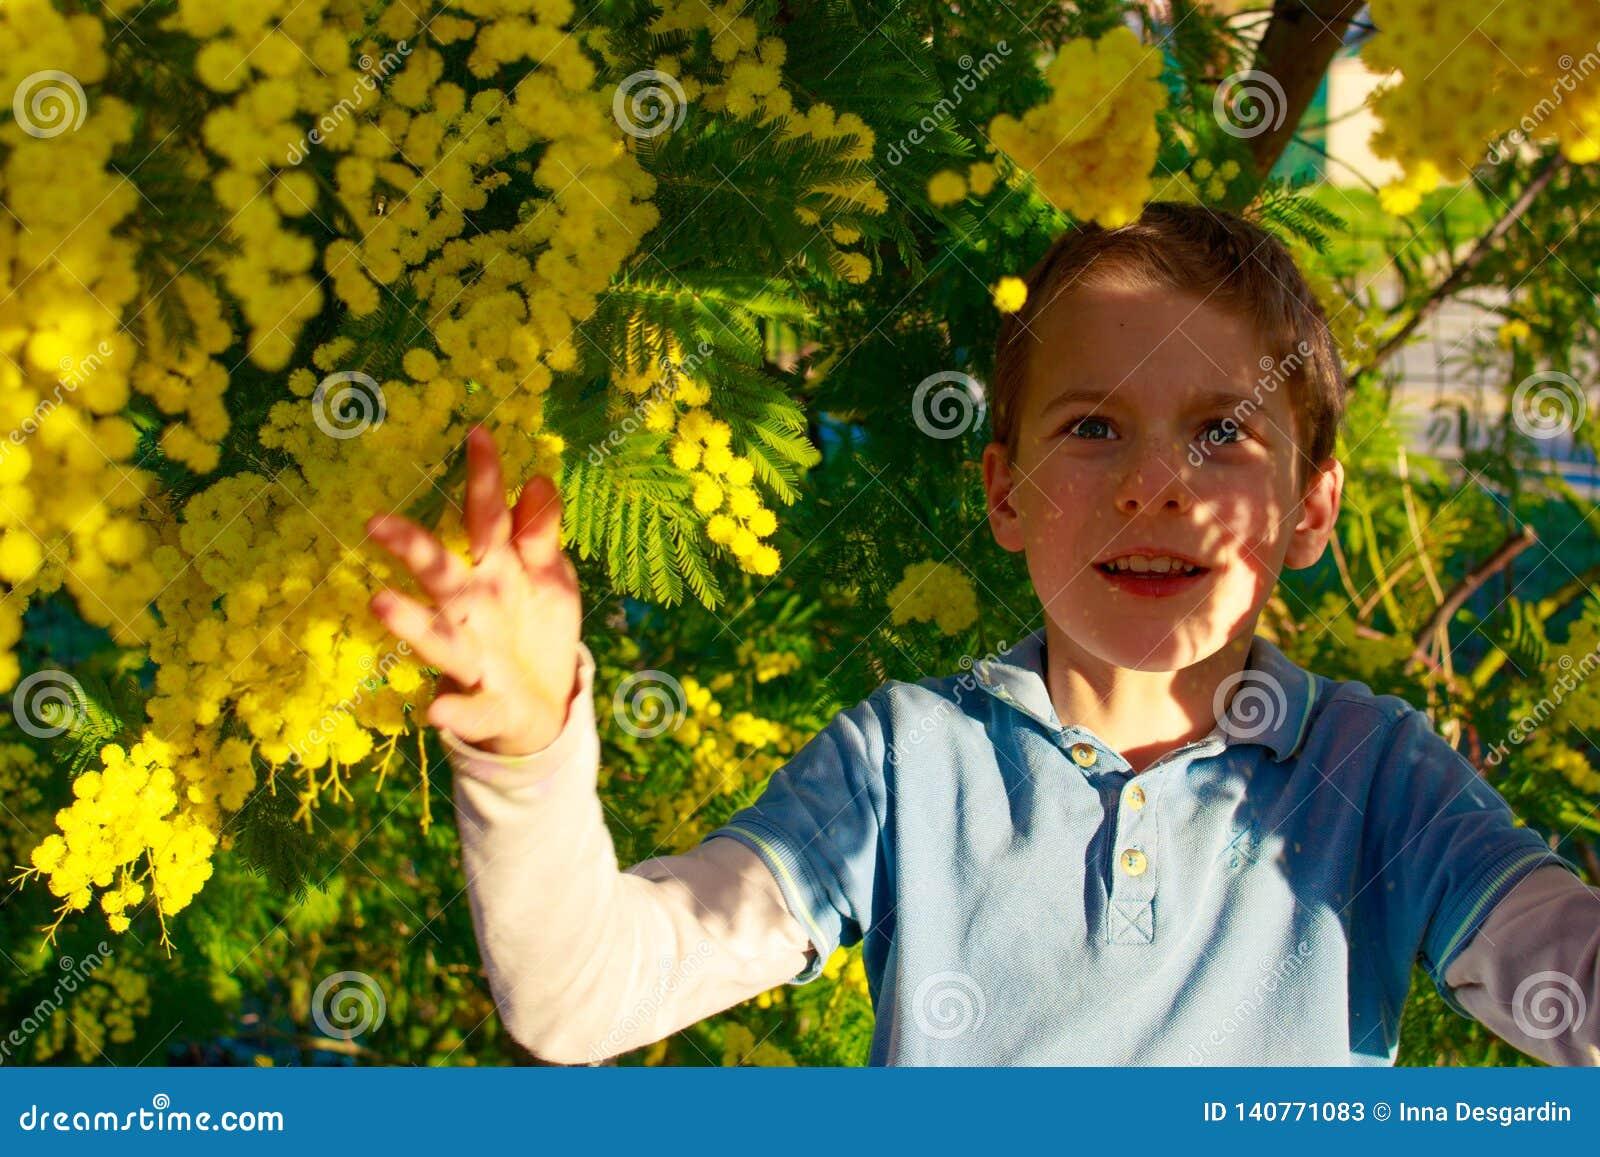 Ένα χαμογελώντας αγόρι που παίζει με τις κίτρινες σφαίρες του δέντρου Mimosa Διακοπές της νότιας Γαλλίας ερχόμενη άνοιξη Πρόωρη ά